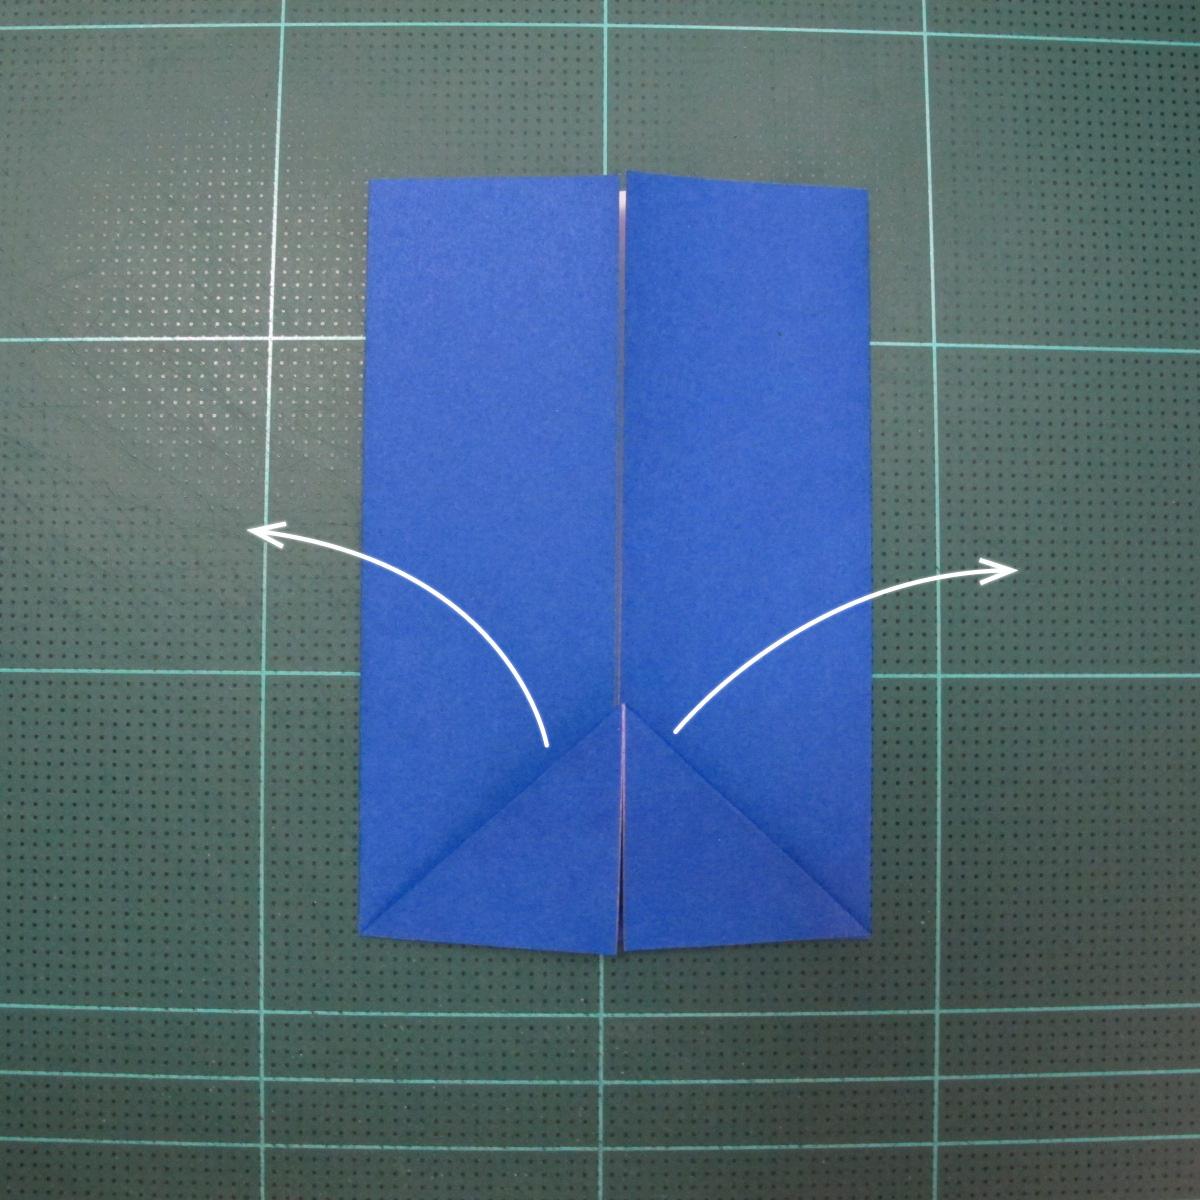 วิธีการพับกระดาษเป็นรูปกระต่าย แบบของเอ็ดวิน คอรี่ (Origami Rabbit)  006